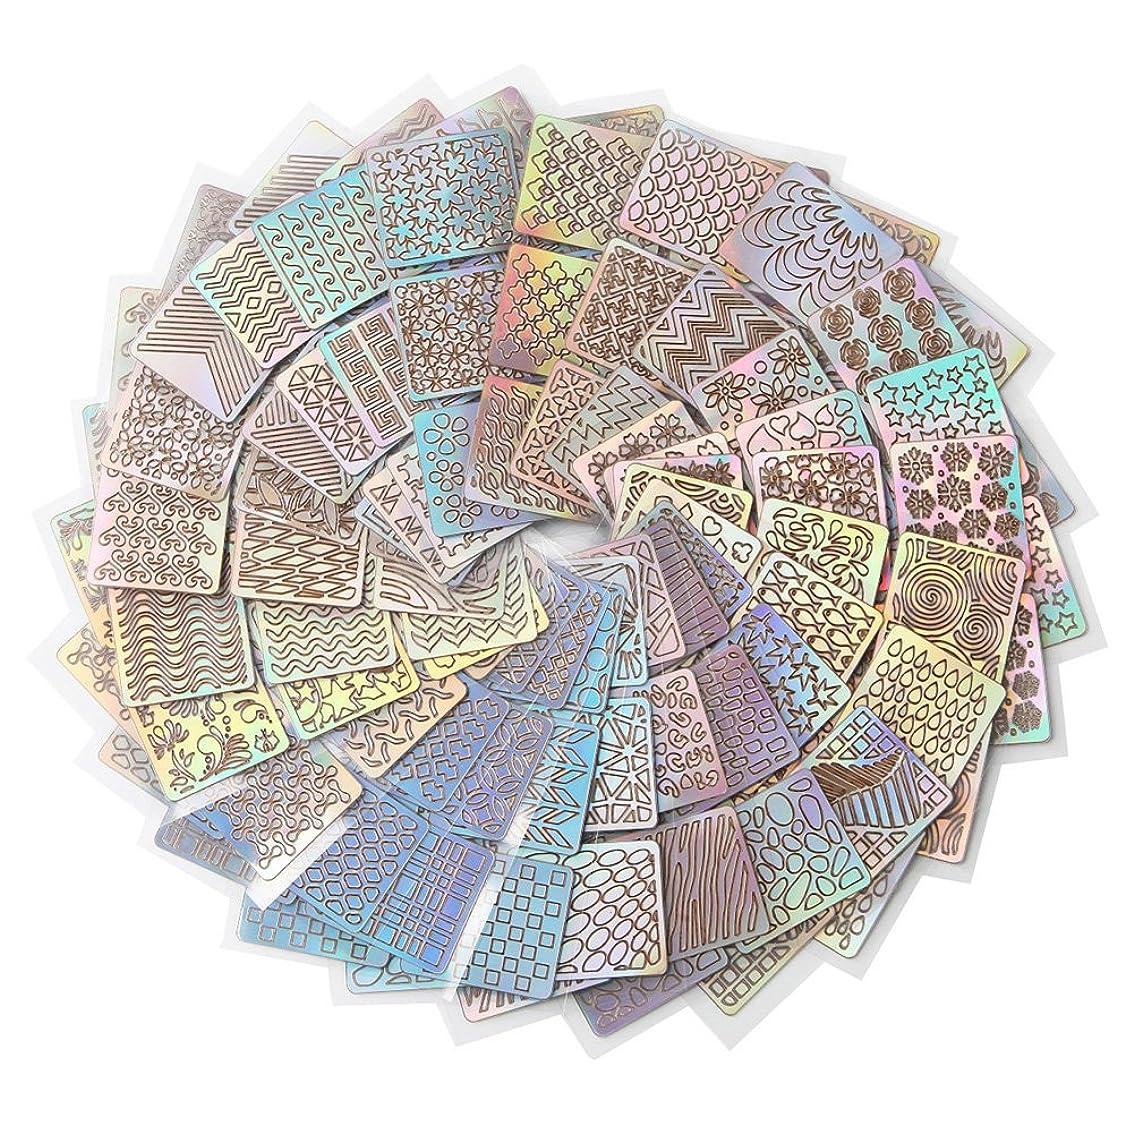 セーターオーバーラン剥離Demiawaking ネイル用装飾 可愛いネイル飾り テープ ネイル パーツ ネイルーシール 今年流行ネイティブ柄ネイルステッカー 24枚セット